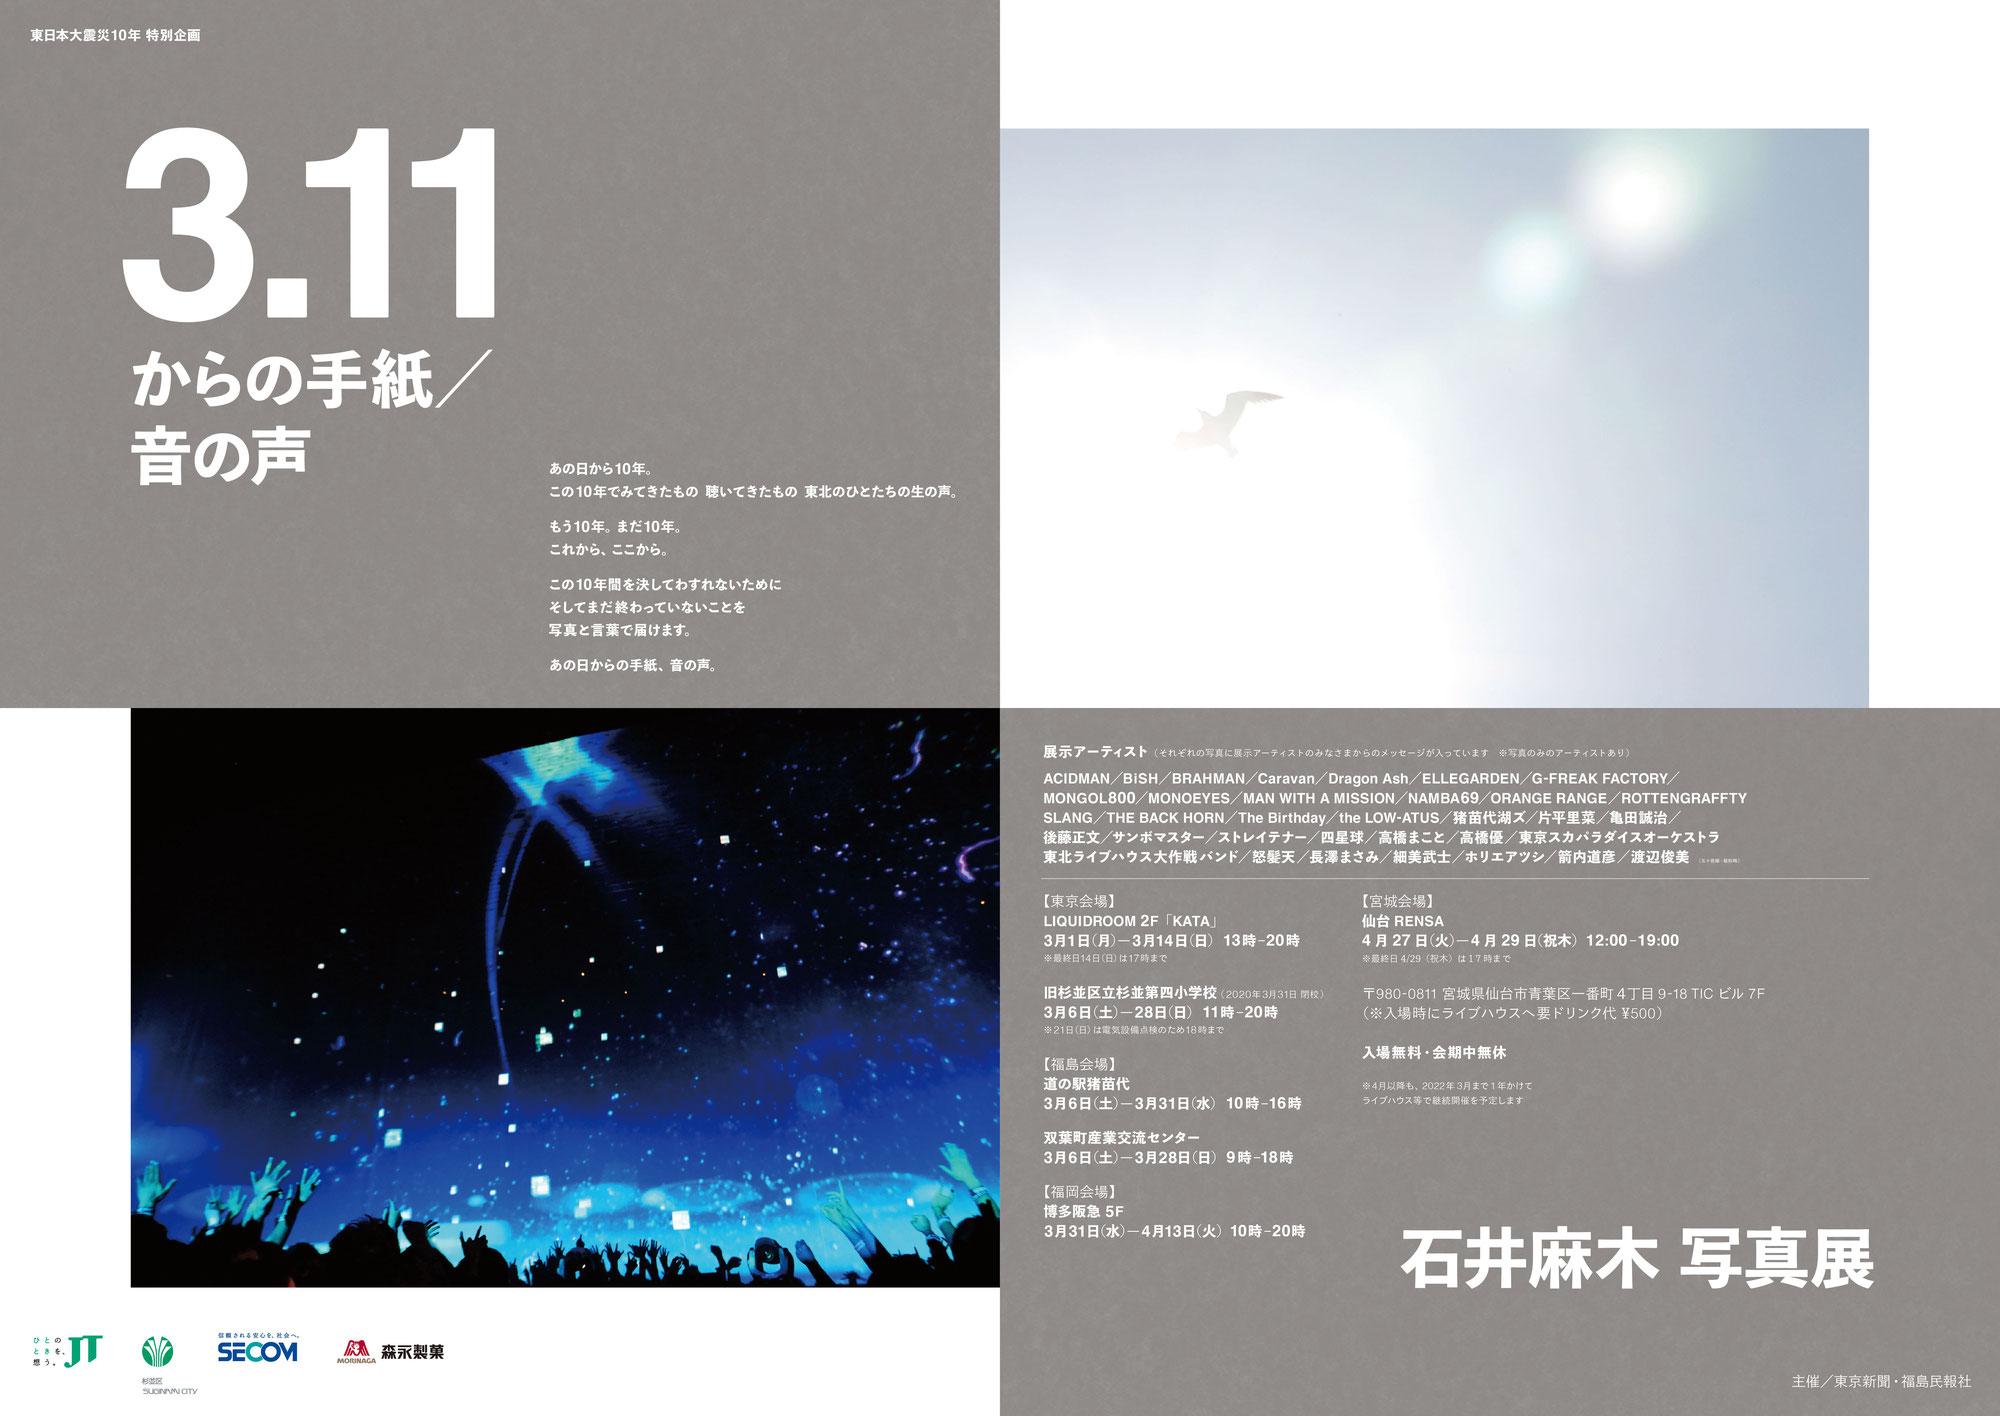 石井麻木写真展「3.11からの手紙/音の声」追加会場 仙台Rensa決定!